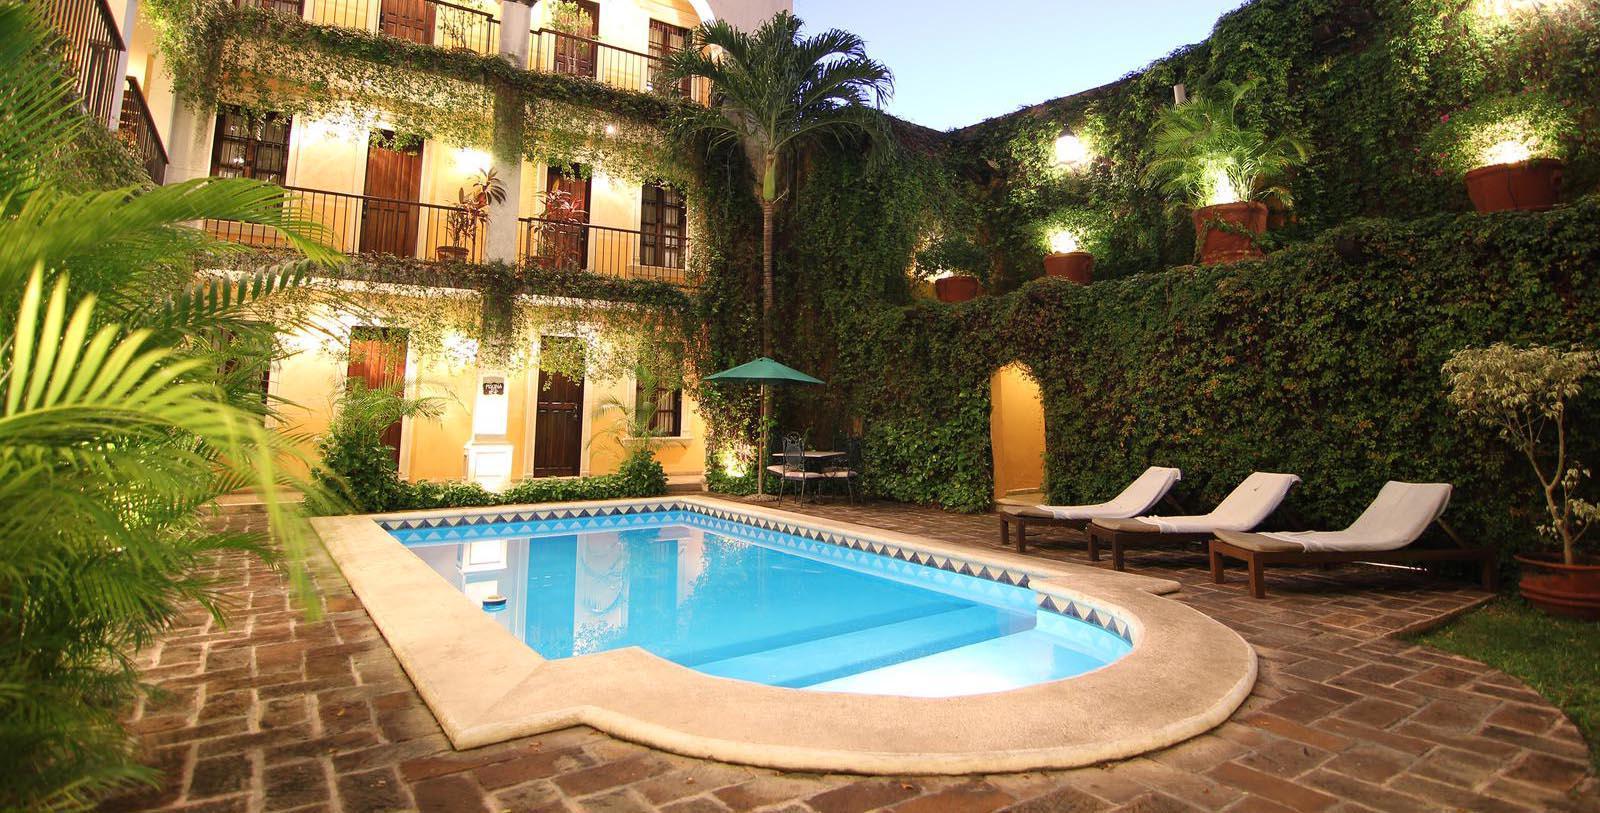 Image of Pool La Misión de Fray Diego, 1867, Member of Historic Hotels Worldwide, in Merida, Mexico, Explore